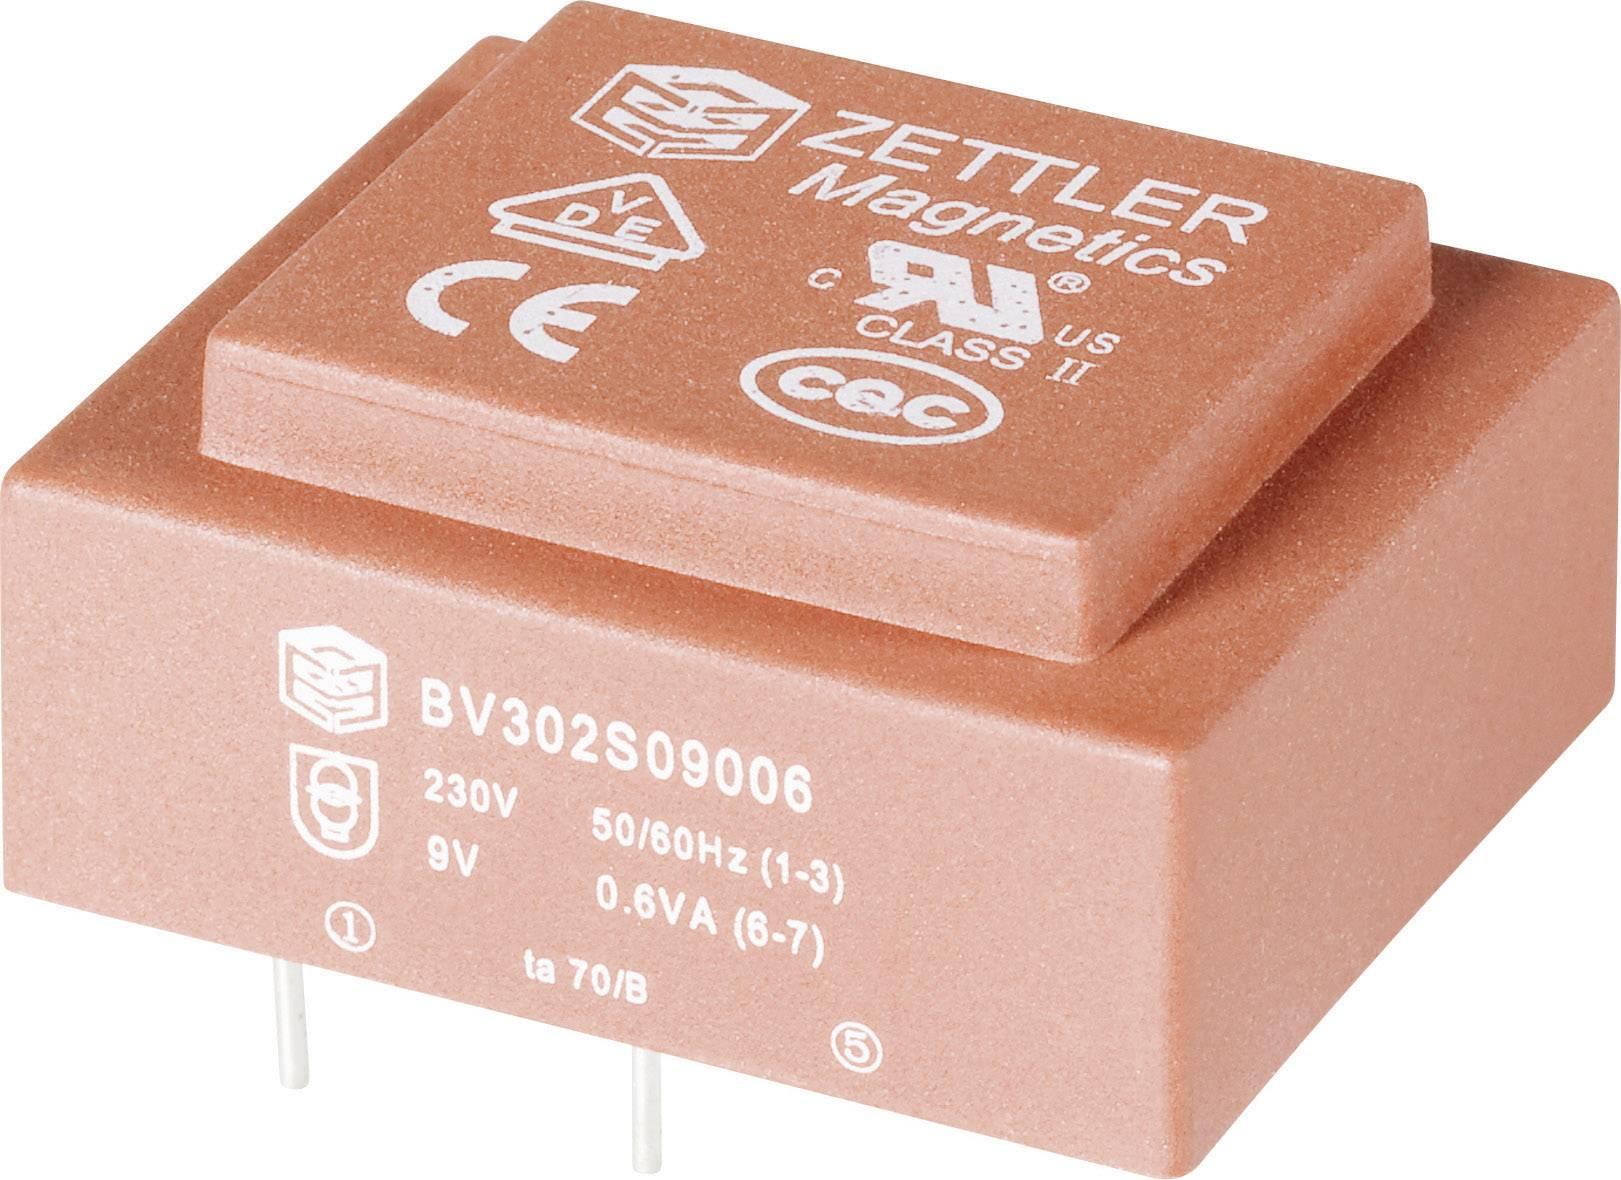 Transformátor do DPS Zettler Magnetics El30, 230 V/2x 24 V, 2x 12 mA, 1 VA